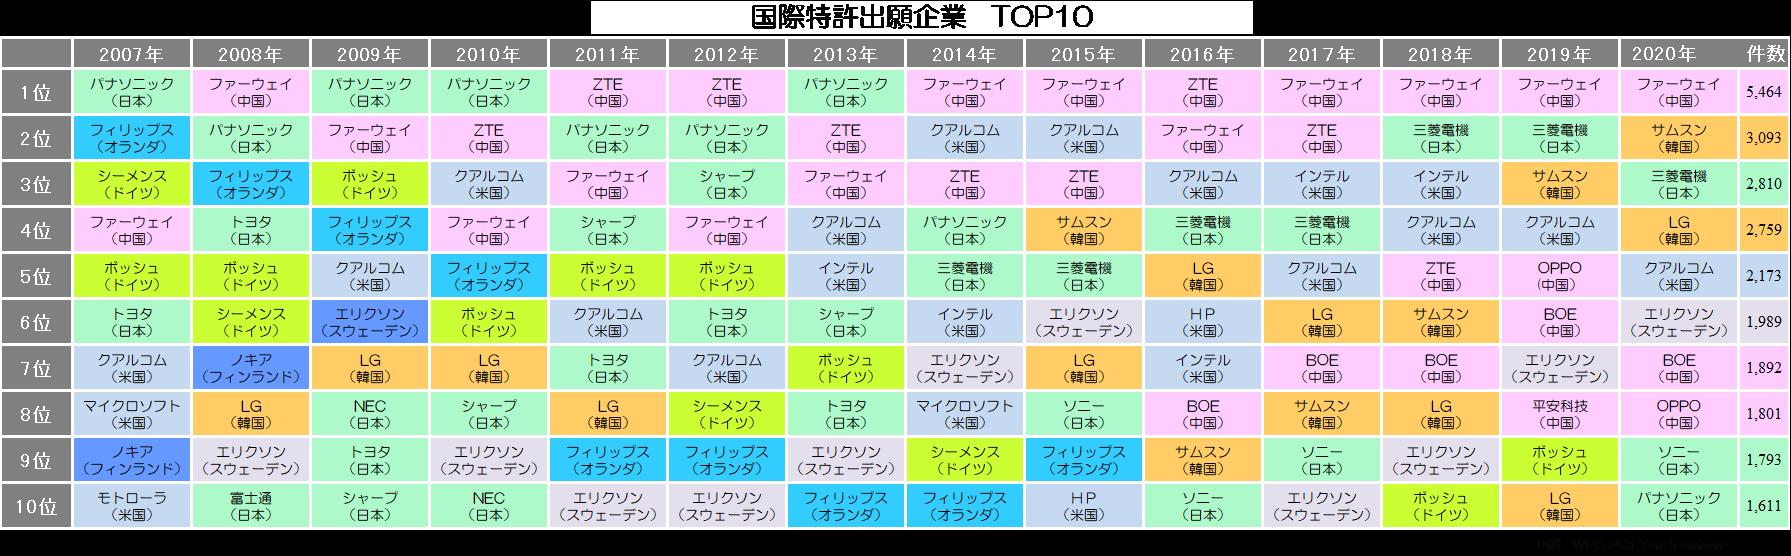 国際特許出願企業TOP10